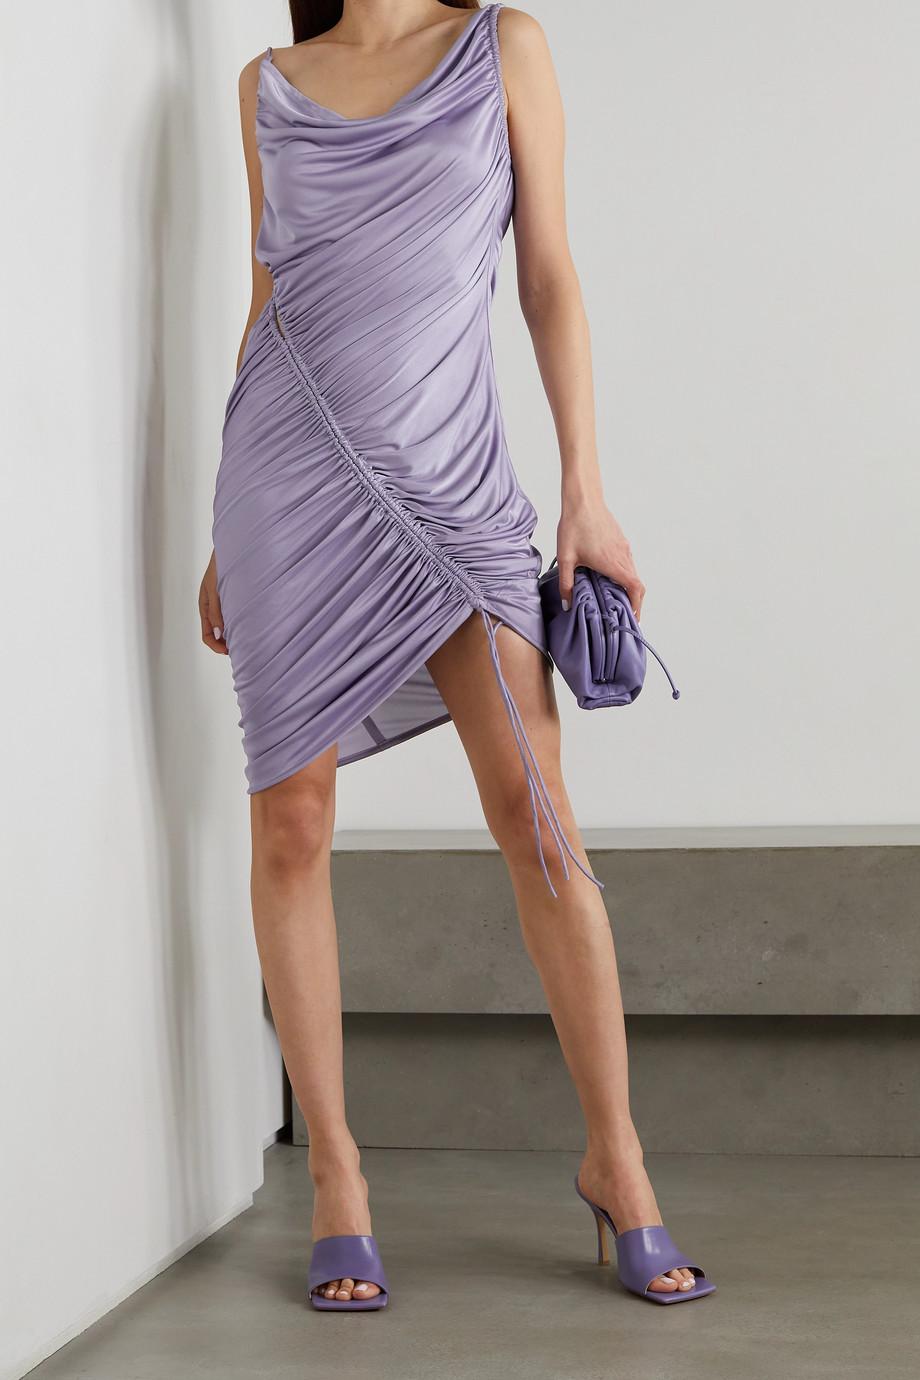 Bottega Veneta Asymmetrisches Minikleid aus glänzendem Jersey mit Raffungen